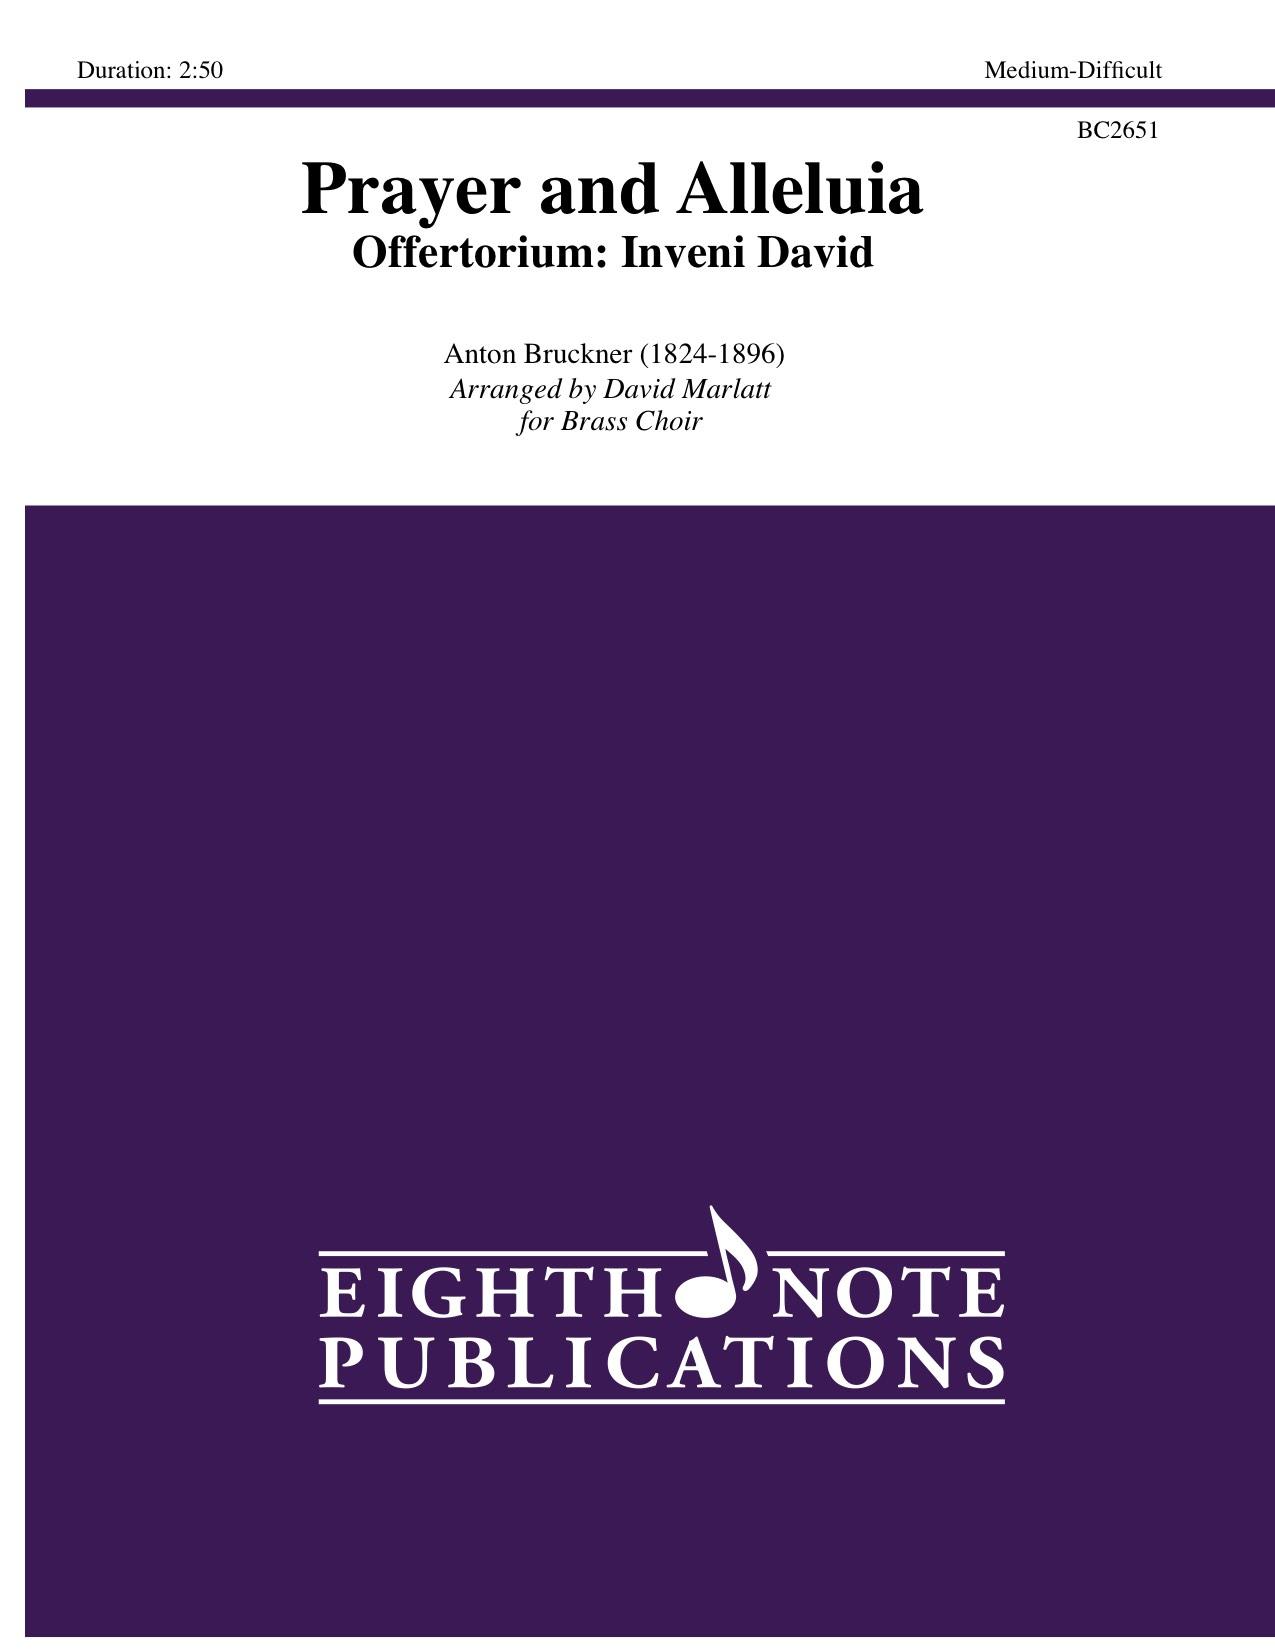 Prayer and Alleluia   Offertorium: Inveni David - Anton Bruckner